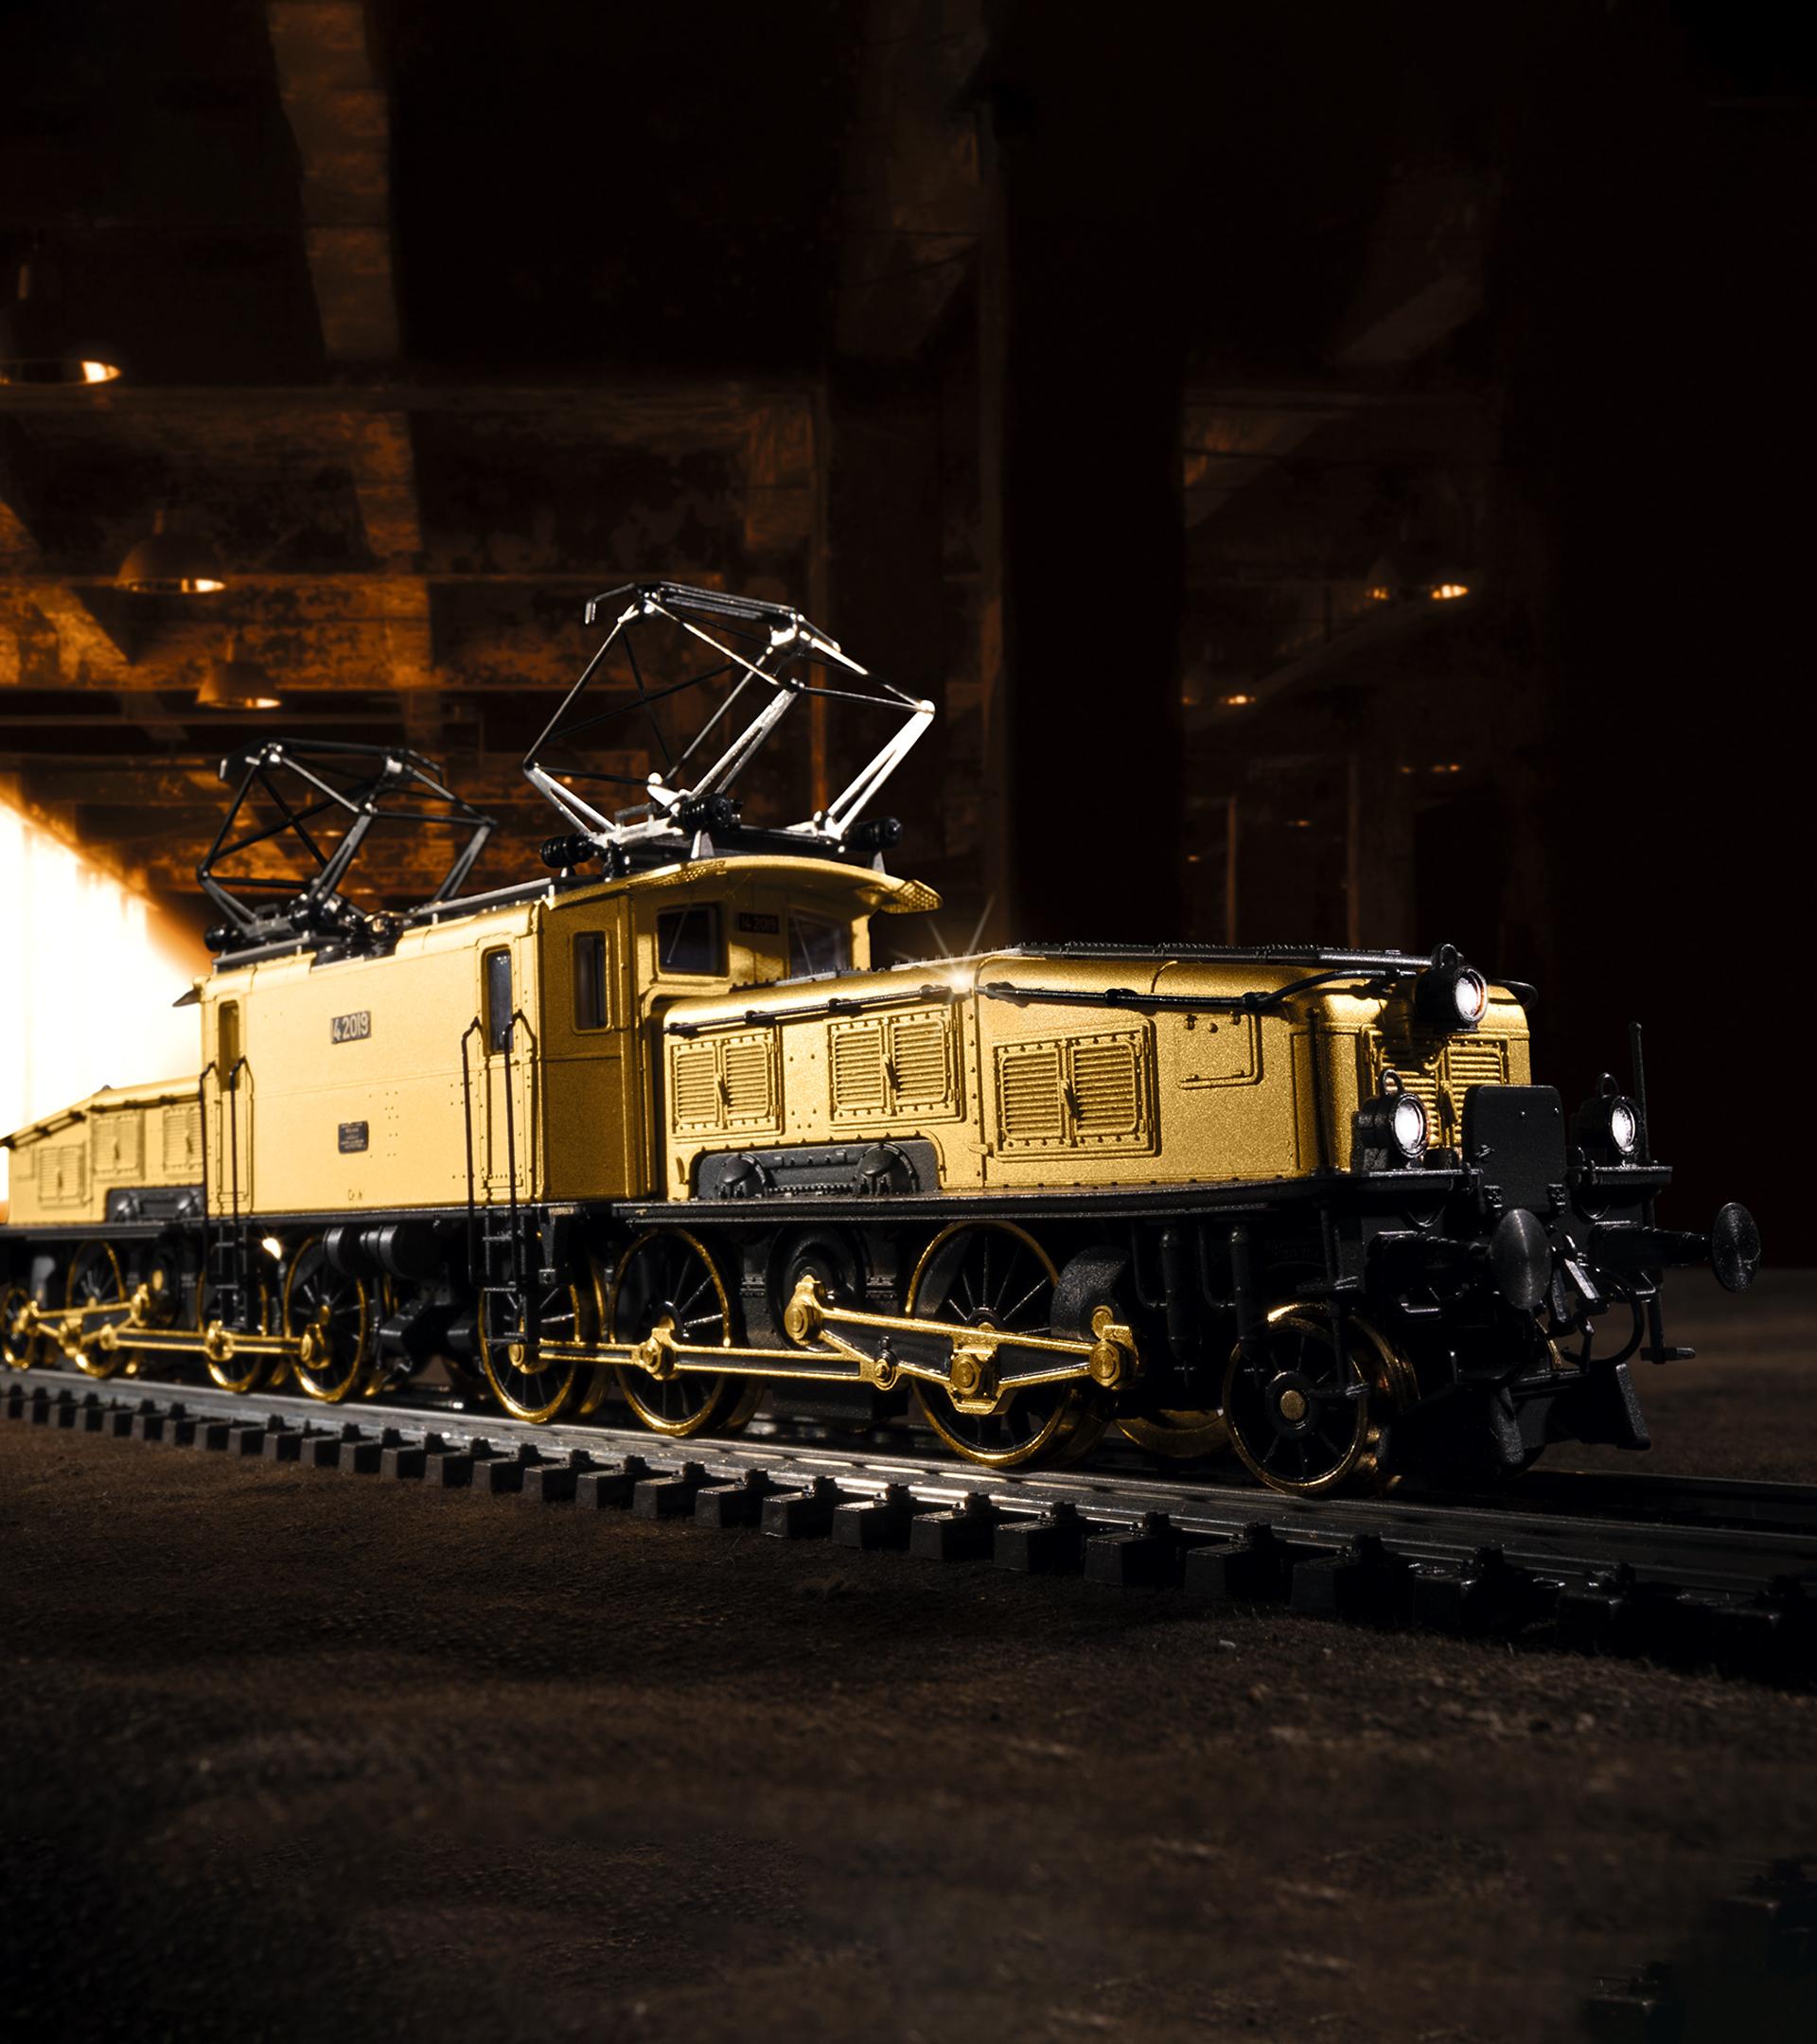 Maquetas de trenes: el arte de hacer un negocio férreo con miniaturas